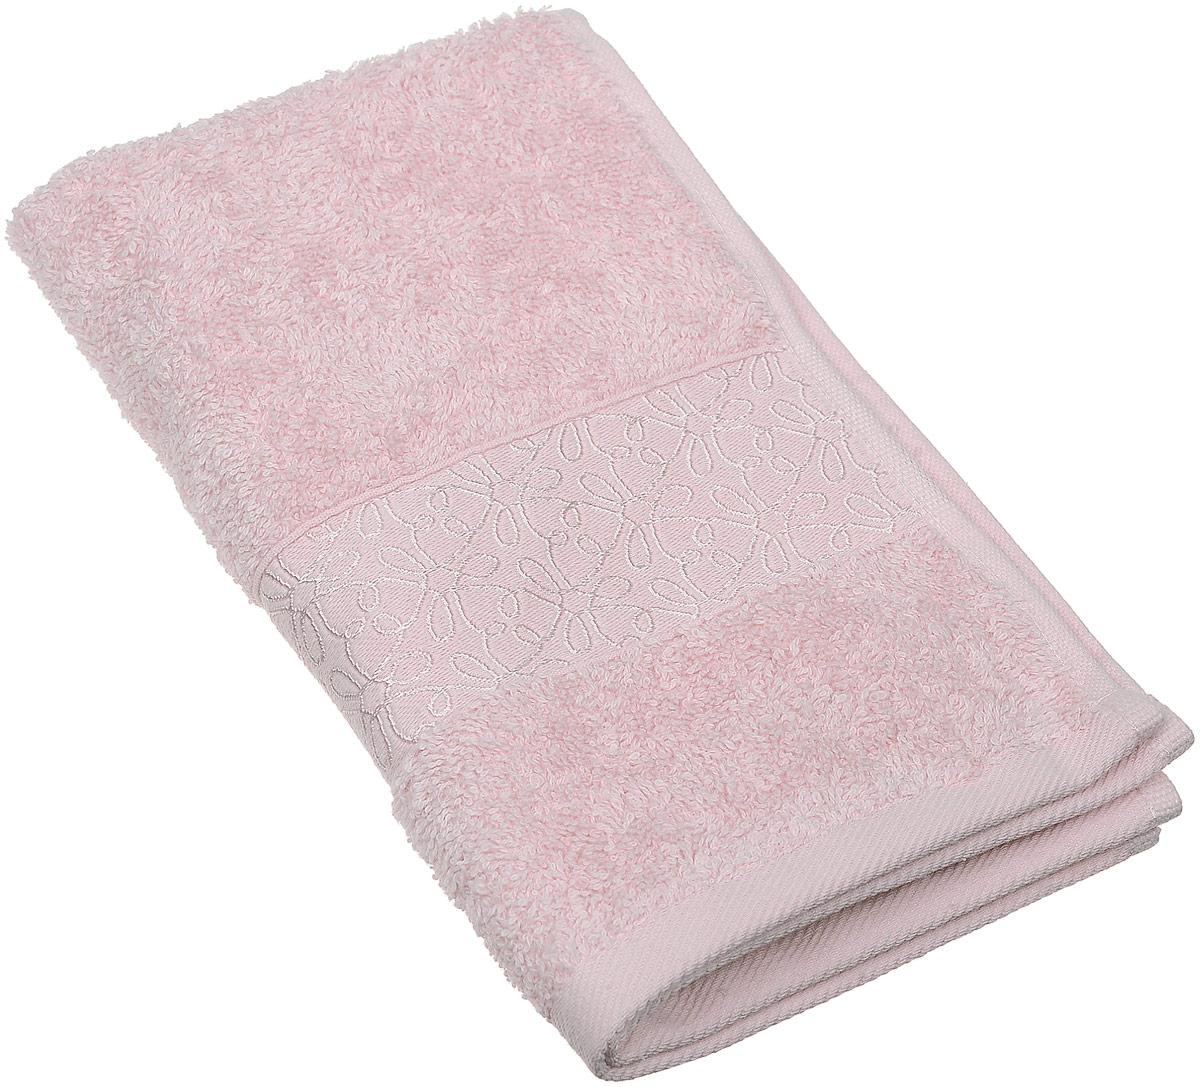 Полотенце махровое Issimo Home Perin, цвет: пудровый, 30 х 50 см00000005492Прекрасное полотенце Issimo Home Perin выполнено из натуральной махровой ткани (100%хлопок). Изделие отлично впитывает влагу, быстро сохнет и не теряет форму даже послемногократных стирок.Рекомендации по уходу:- режим стирки при 40°C,- допускается обычная химчистка,- отбеливание запрещено,- глажка при температуре подошвы утюга до 110°С,- барабанный отжим запрещен.Размер полотенца: 30 x 50 см.